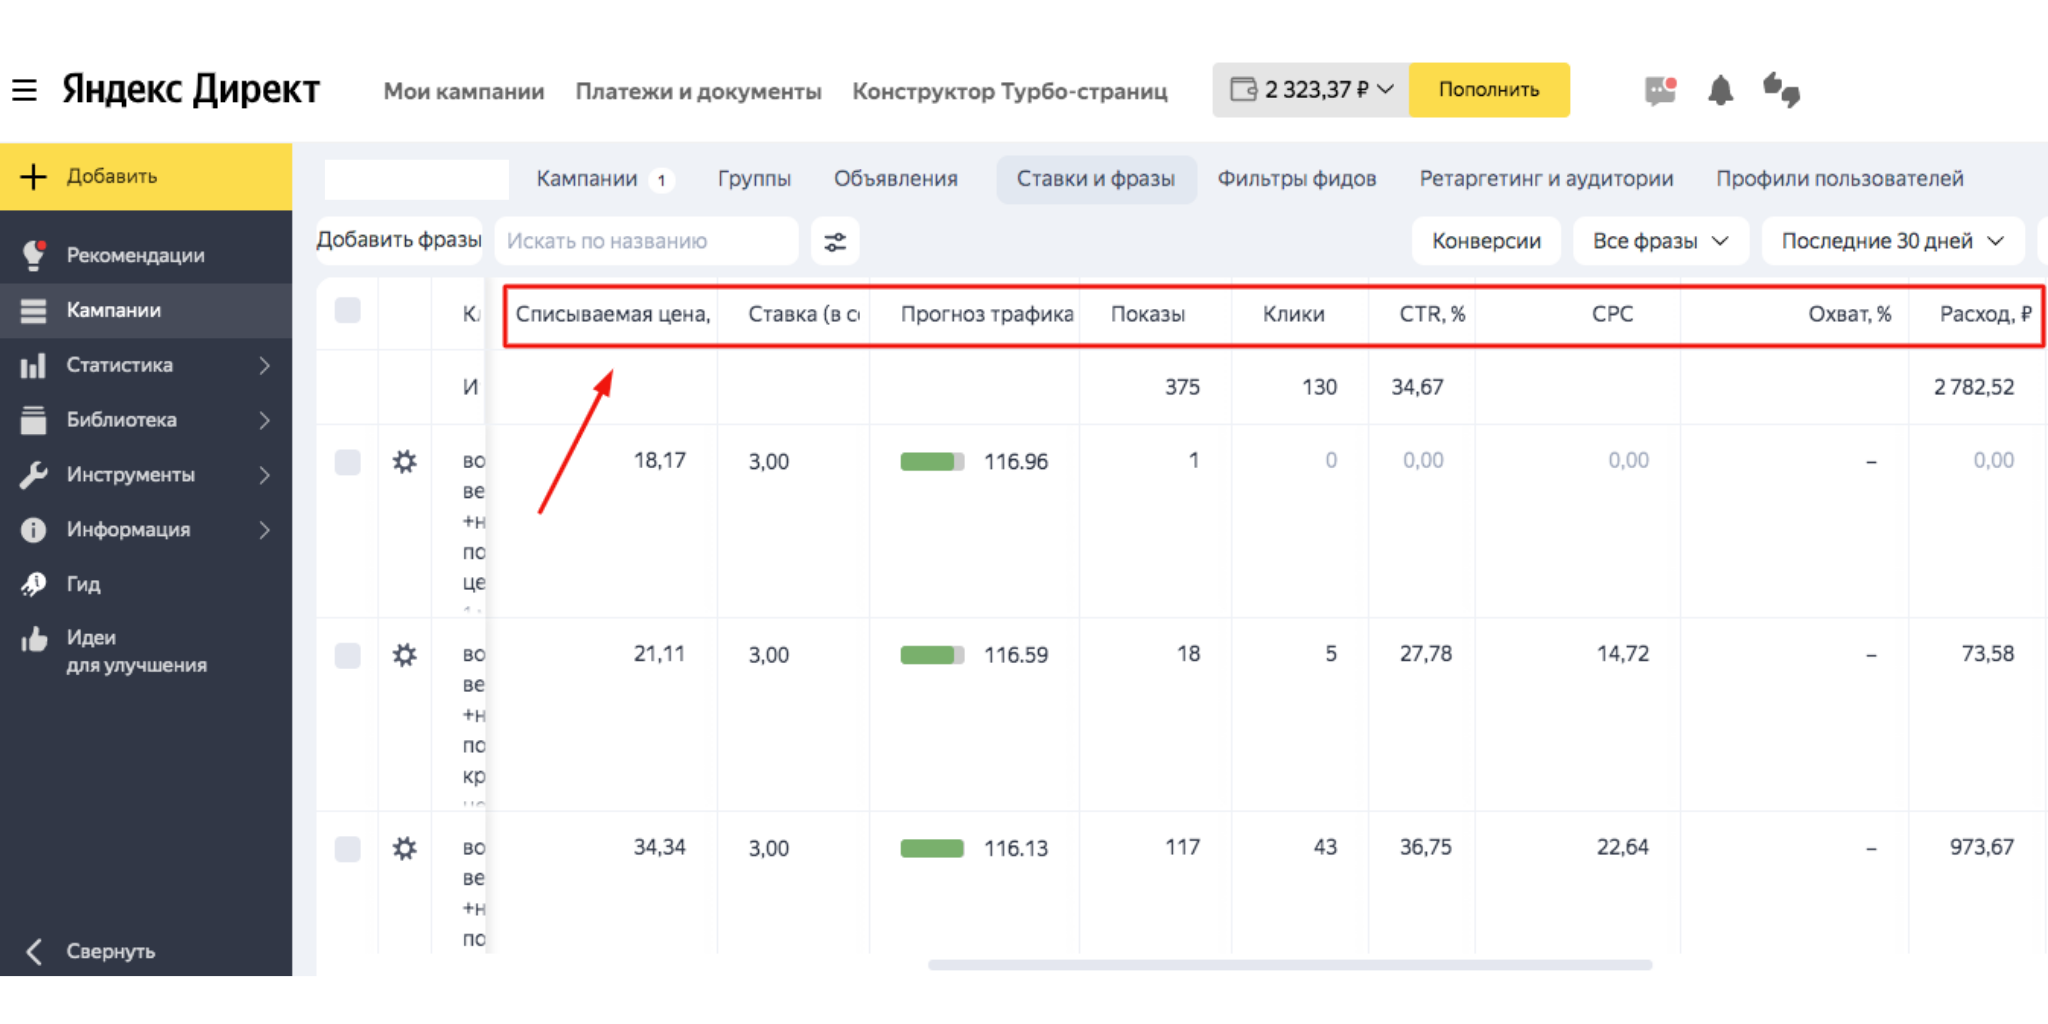 Аналитика в Яндекс.Директ